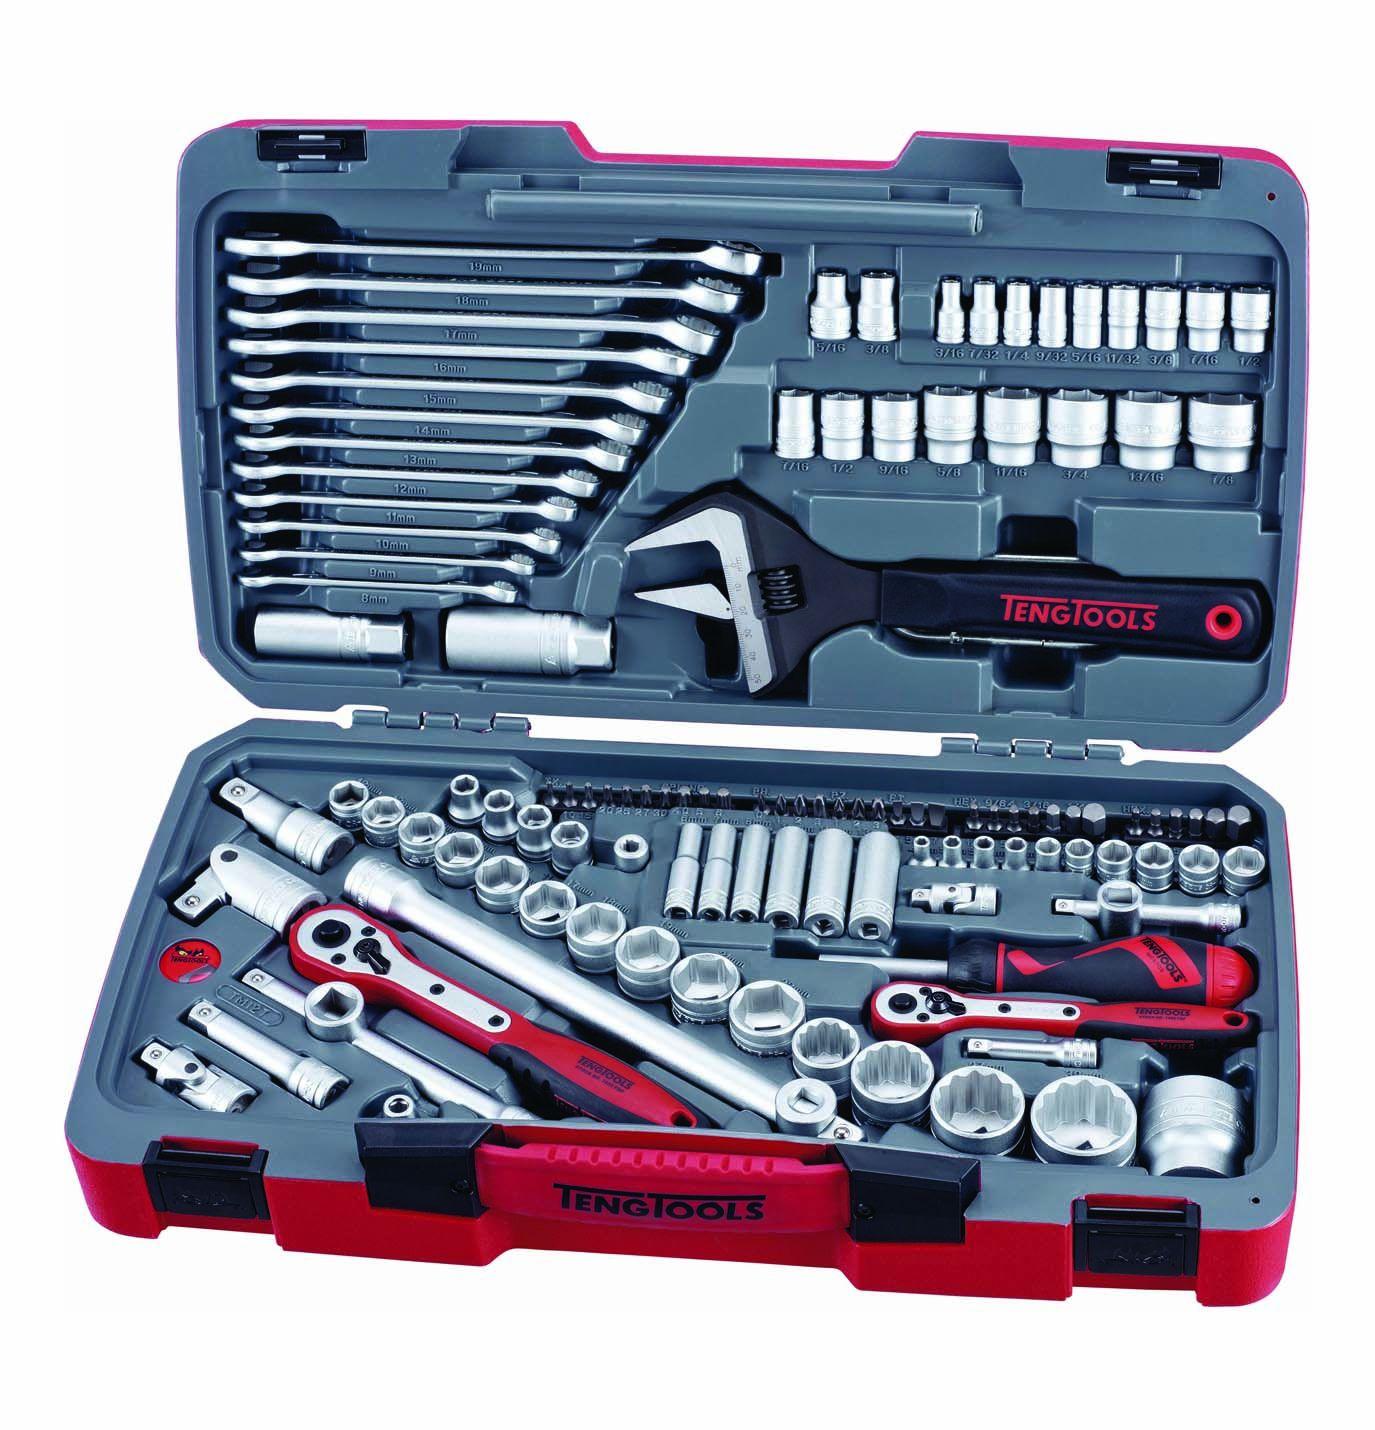 Teng Tools 127 Piece Mixed Drive Socket & Tool Set